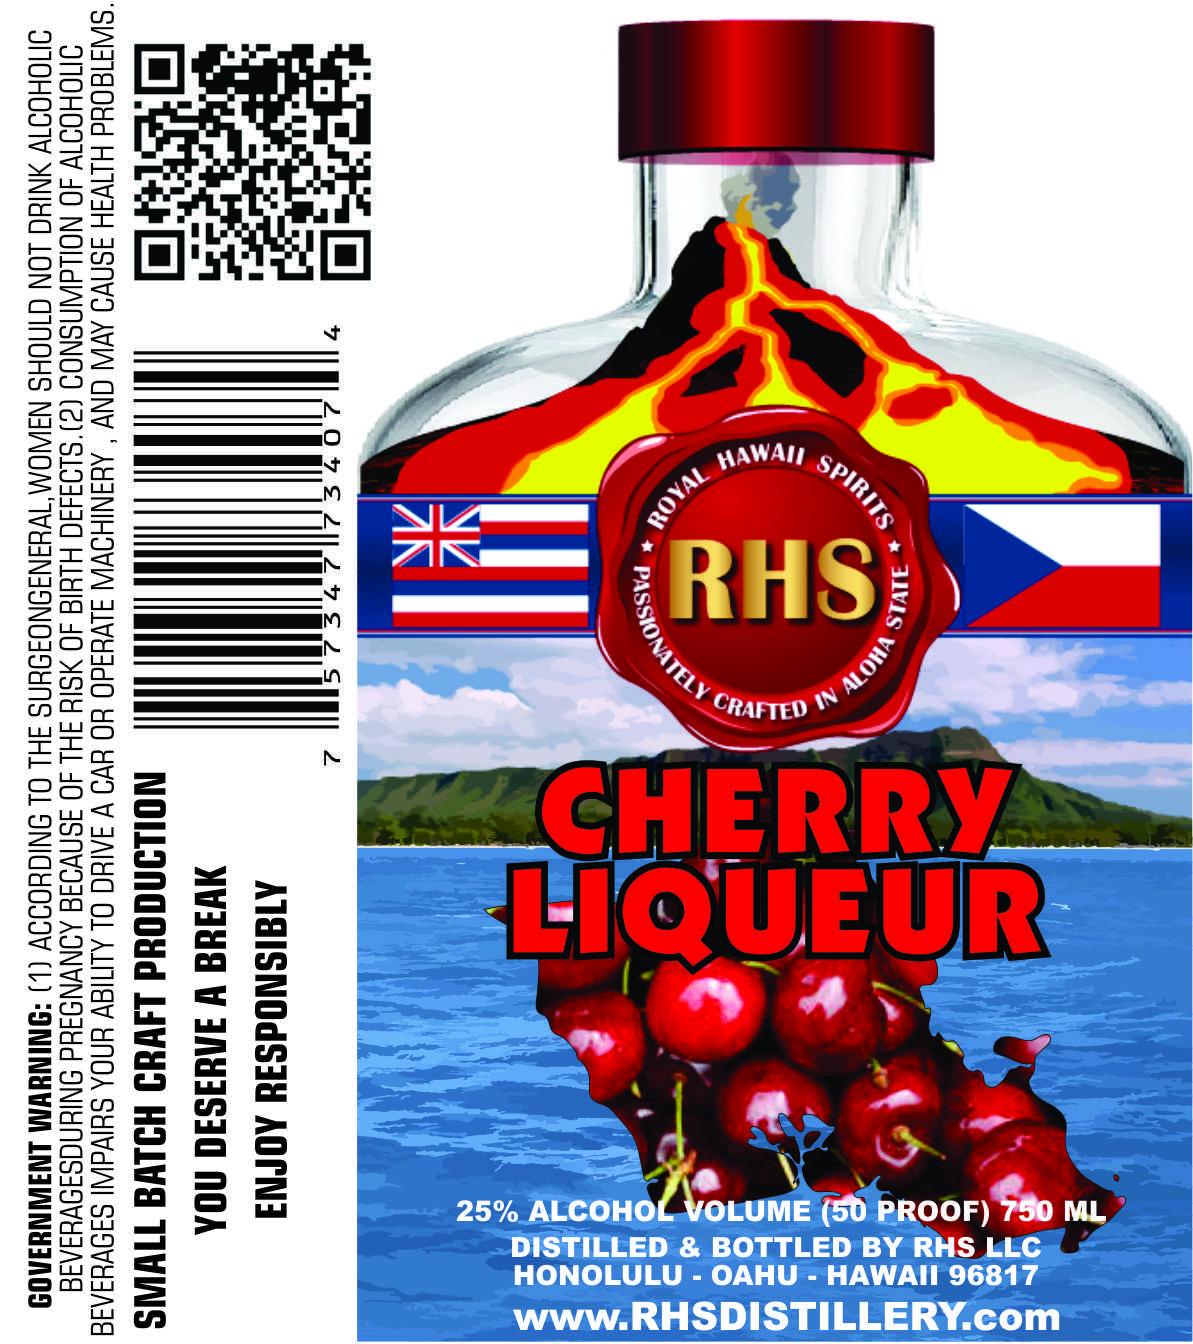 Cherry Liqueur By Rhs Distillery Oahu Island Cherry Liqueur Distillery Rhs